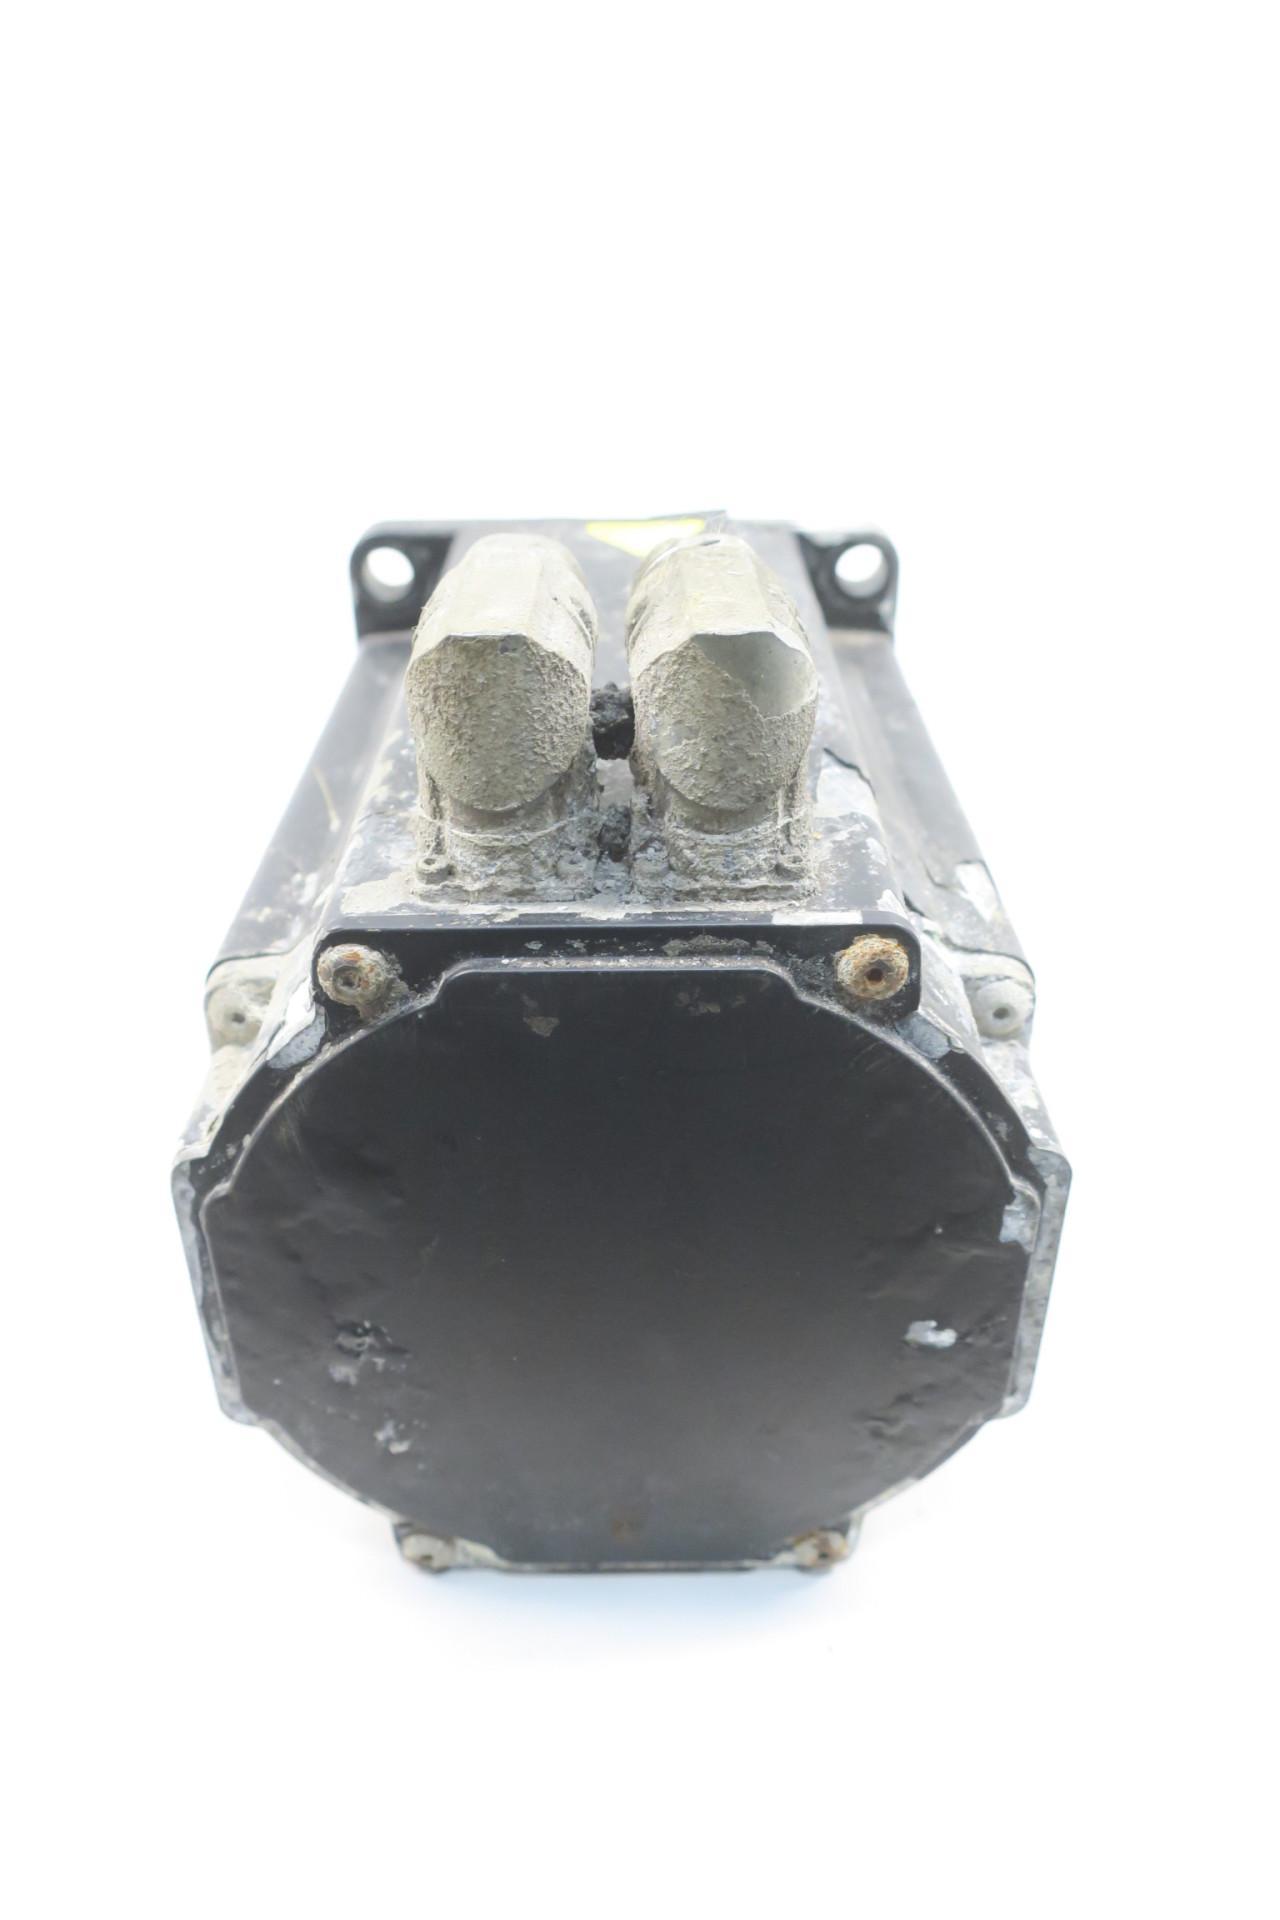 Br Industries 8YS-K0020R0.006-0 7.5a Amp Servo Motor